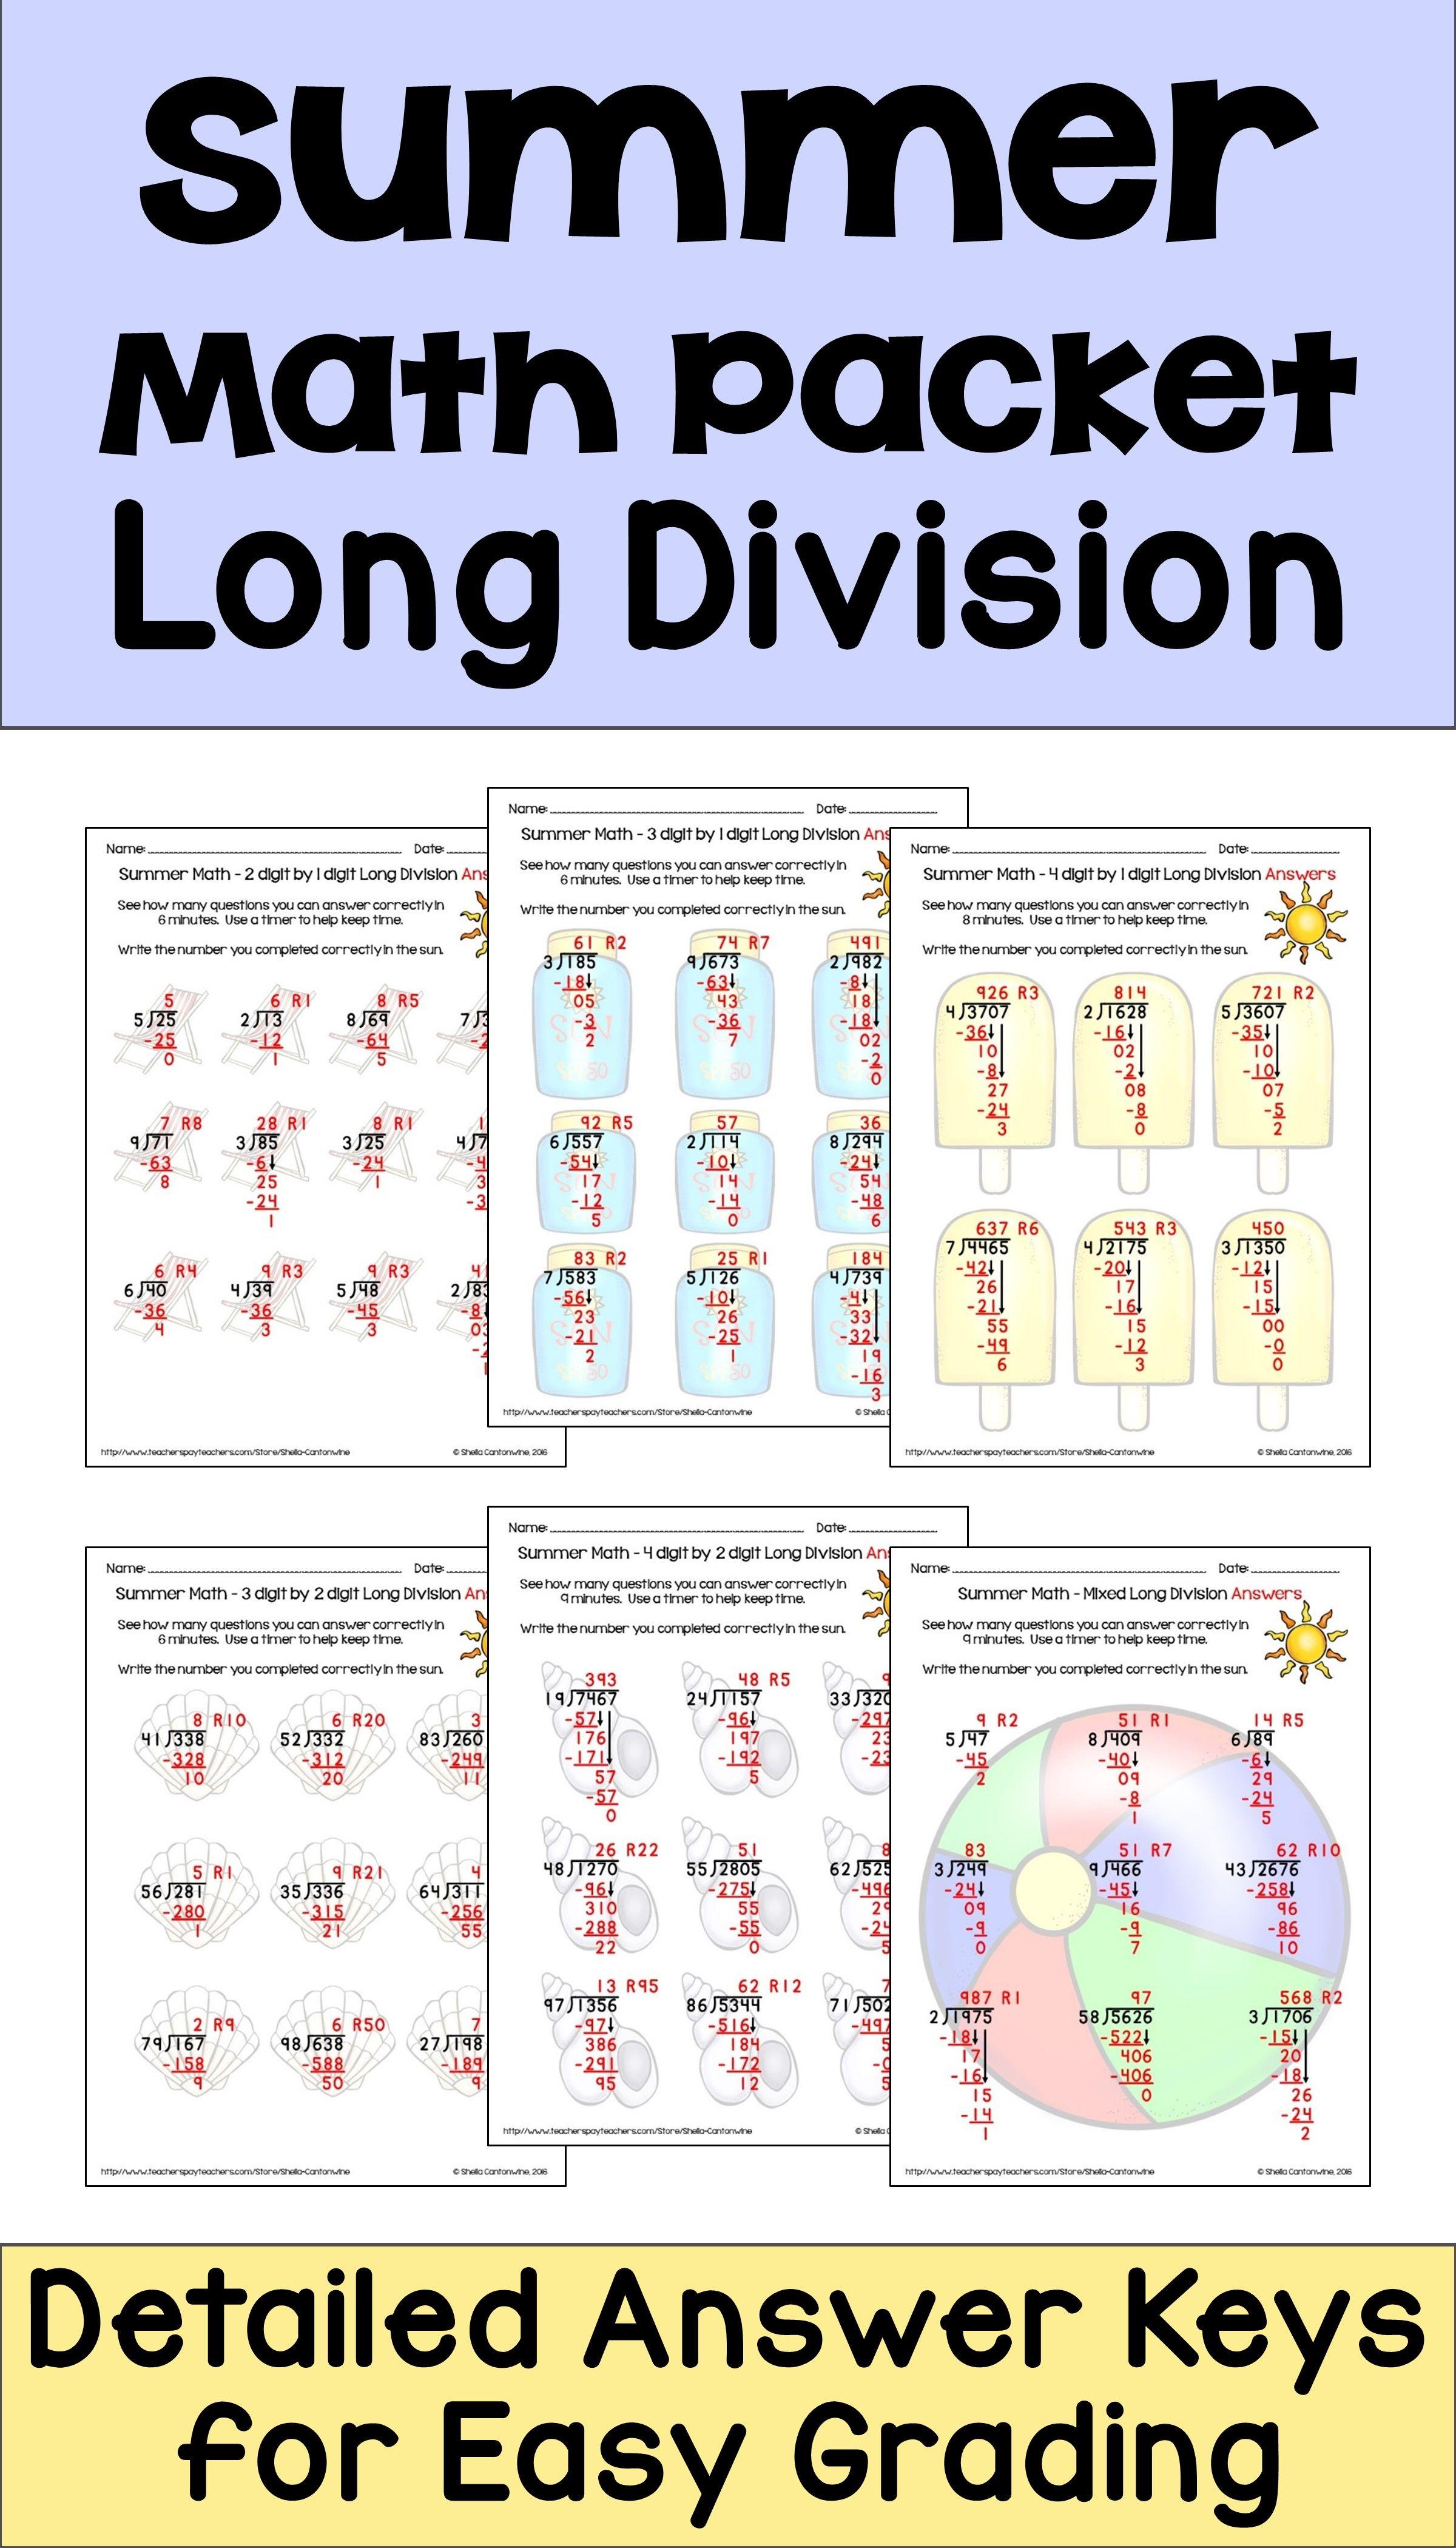 summer math packet long division worksheets differentiated math long division long division. Black Bedroom Furniture Sets. Home Design Ideas